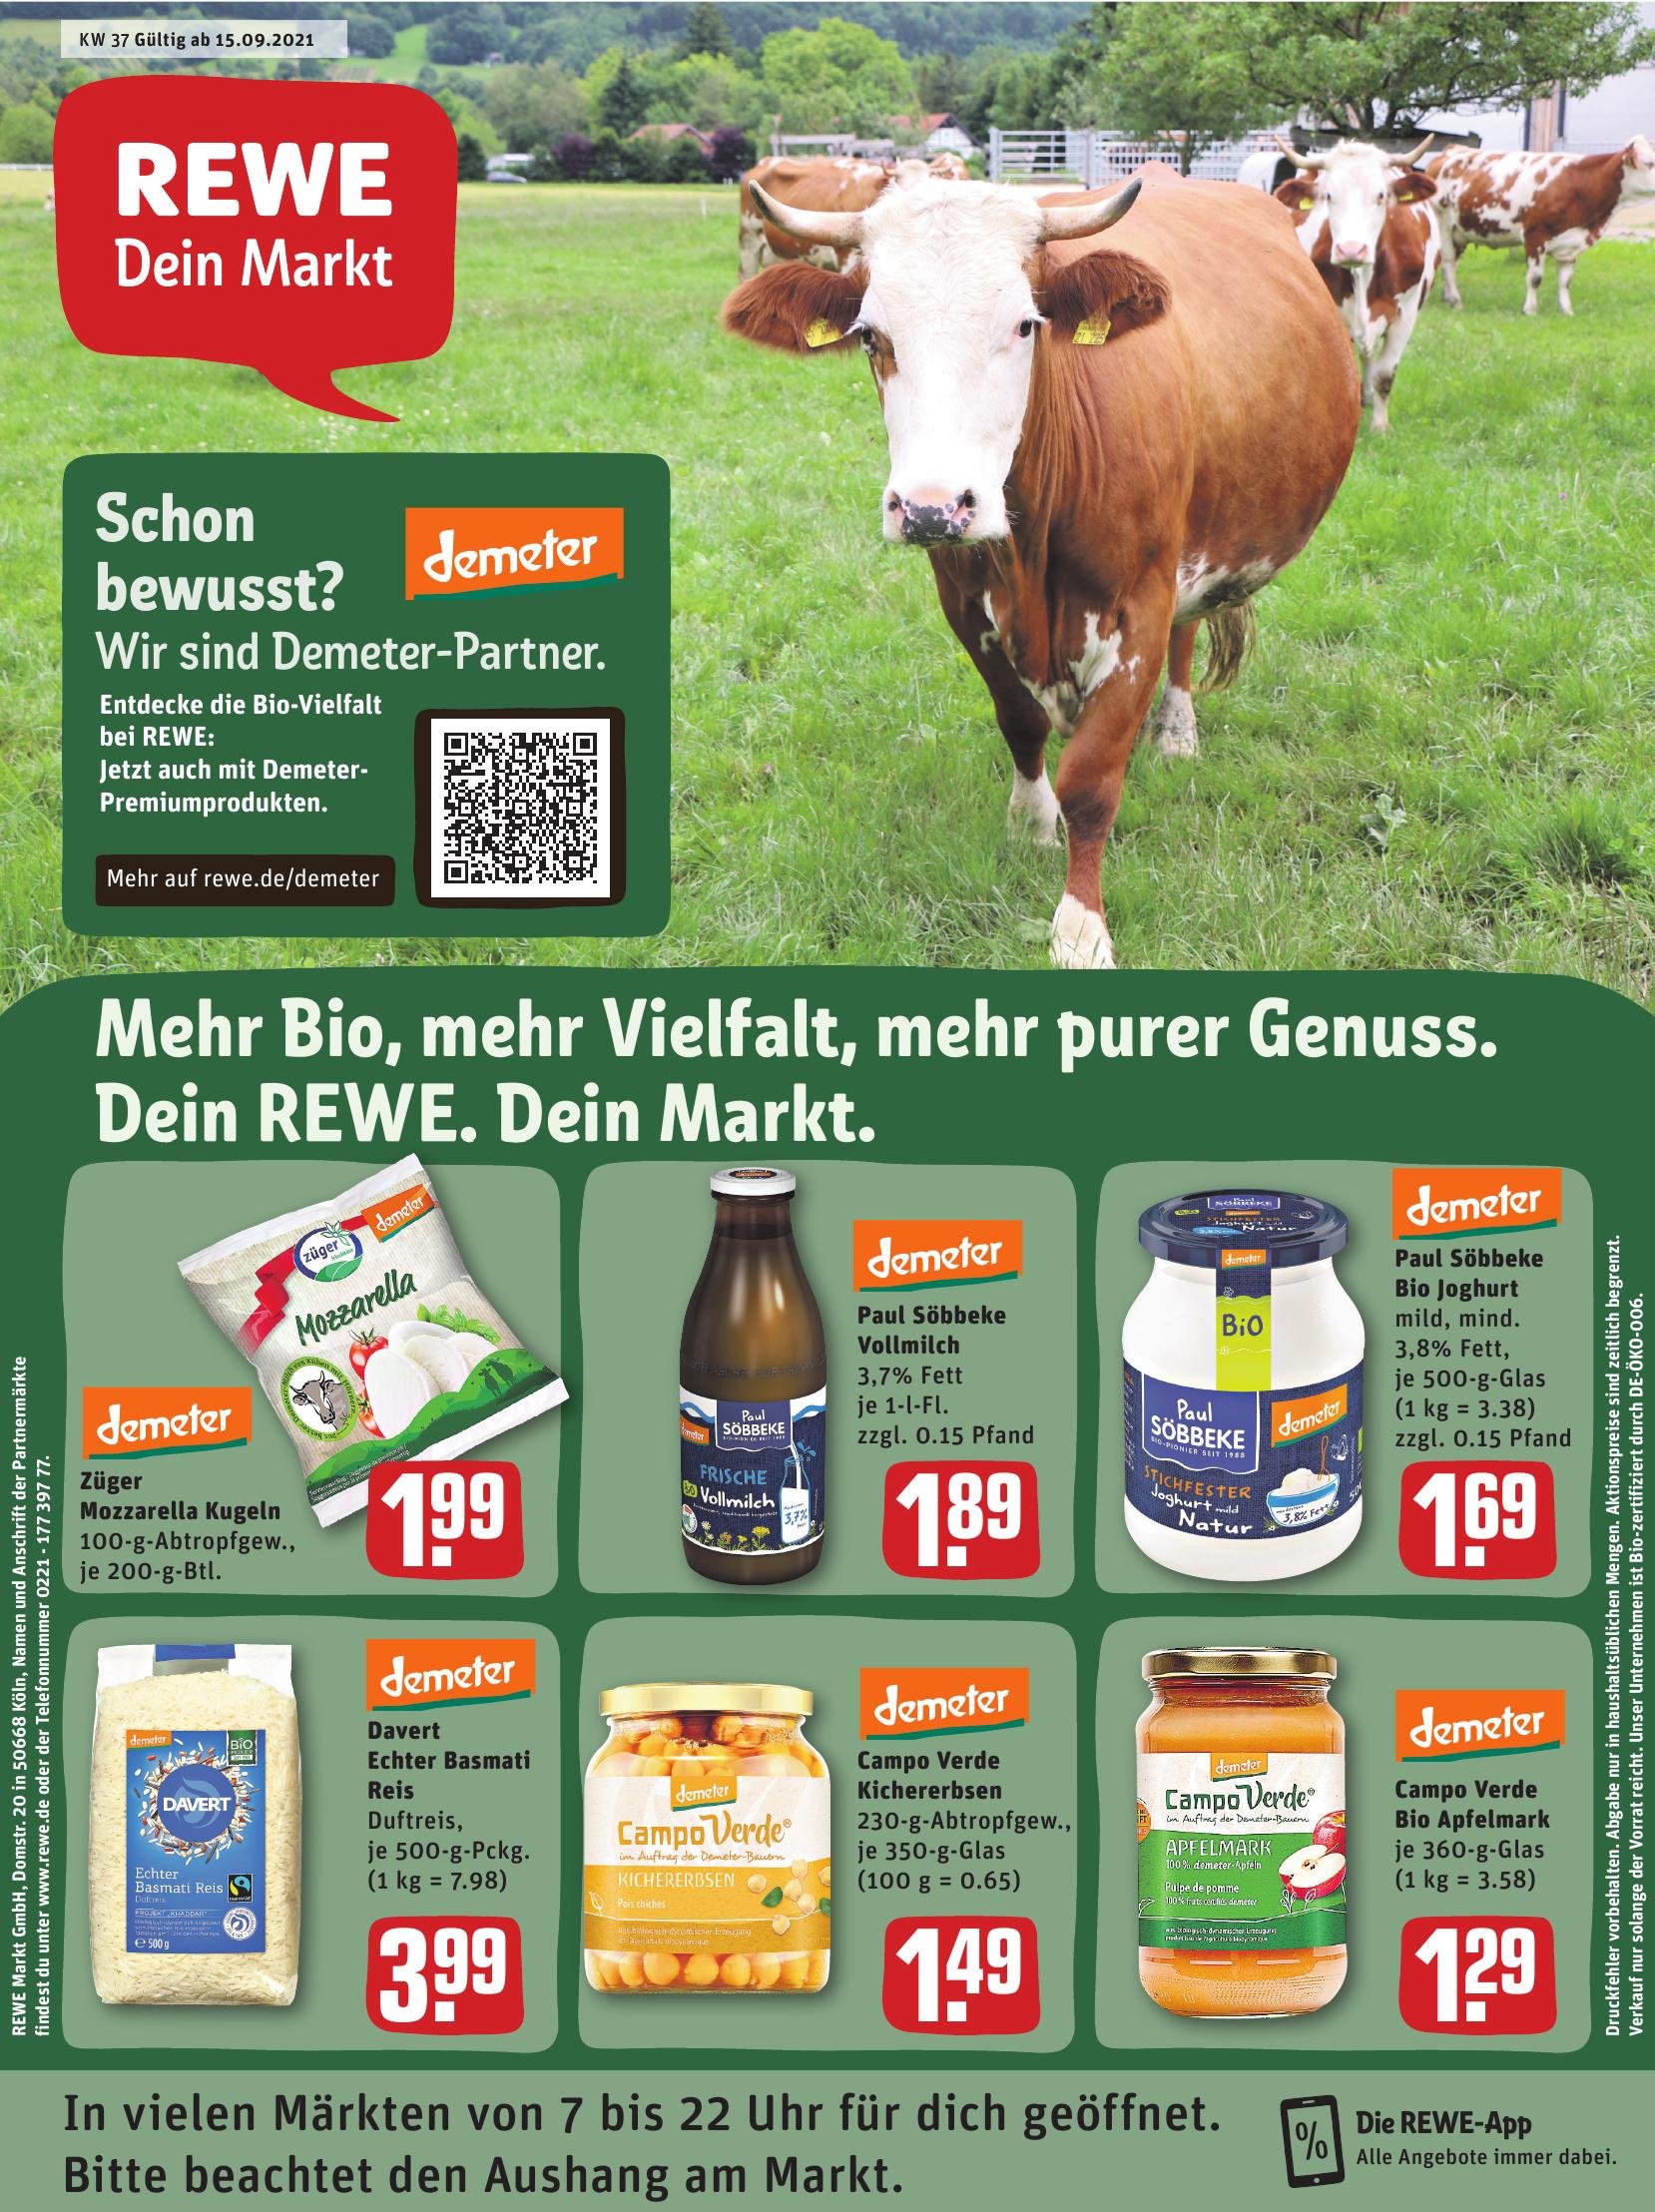 REWE - Demeter-Partner